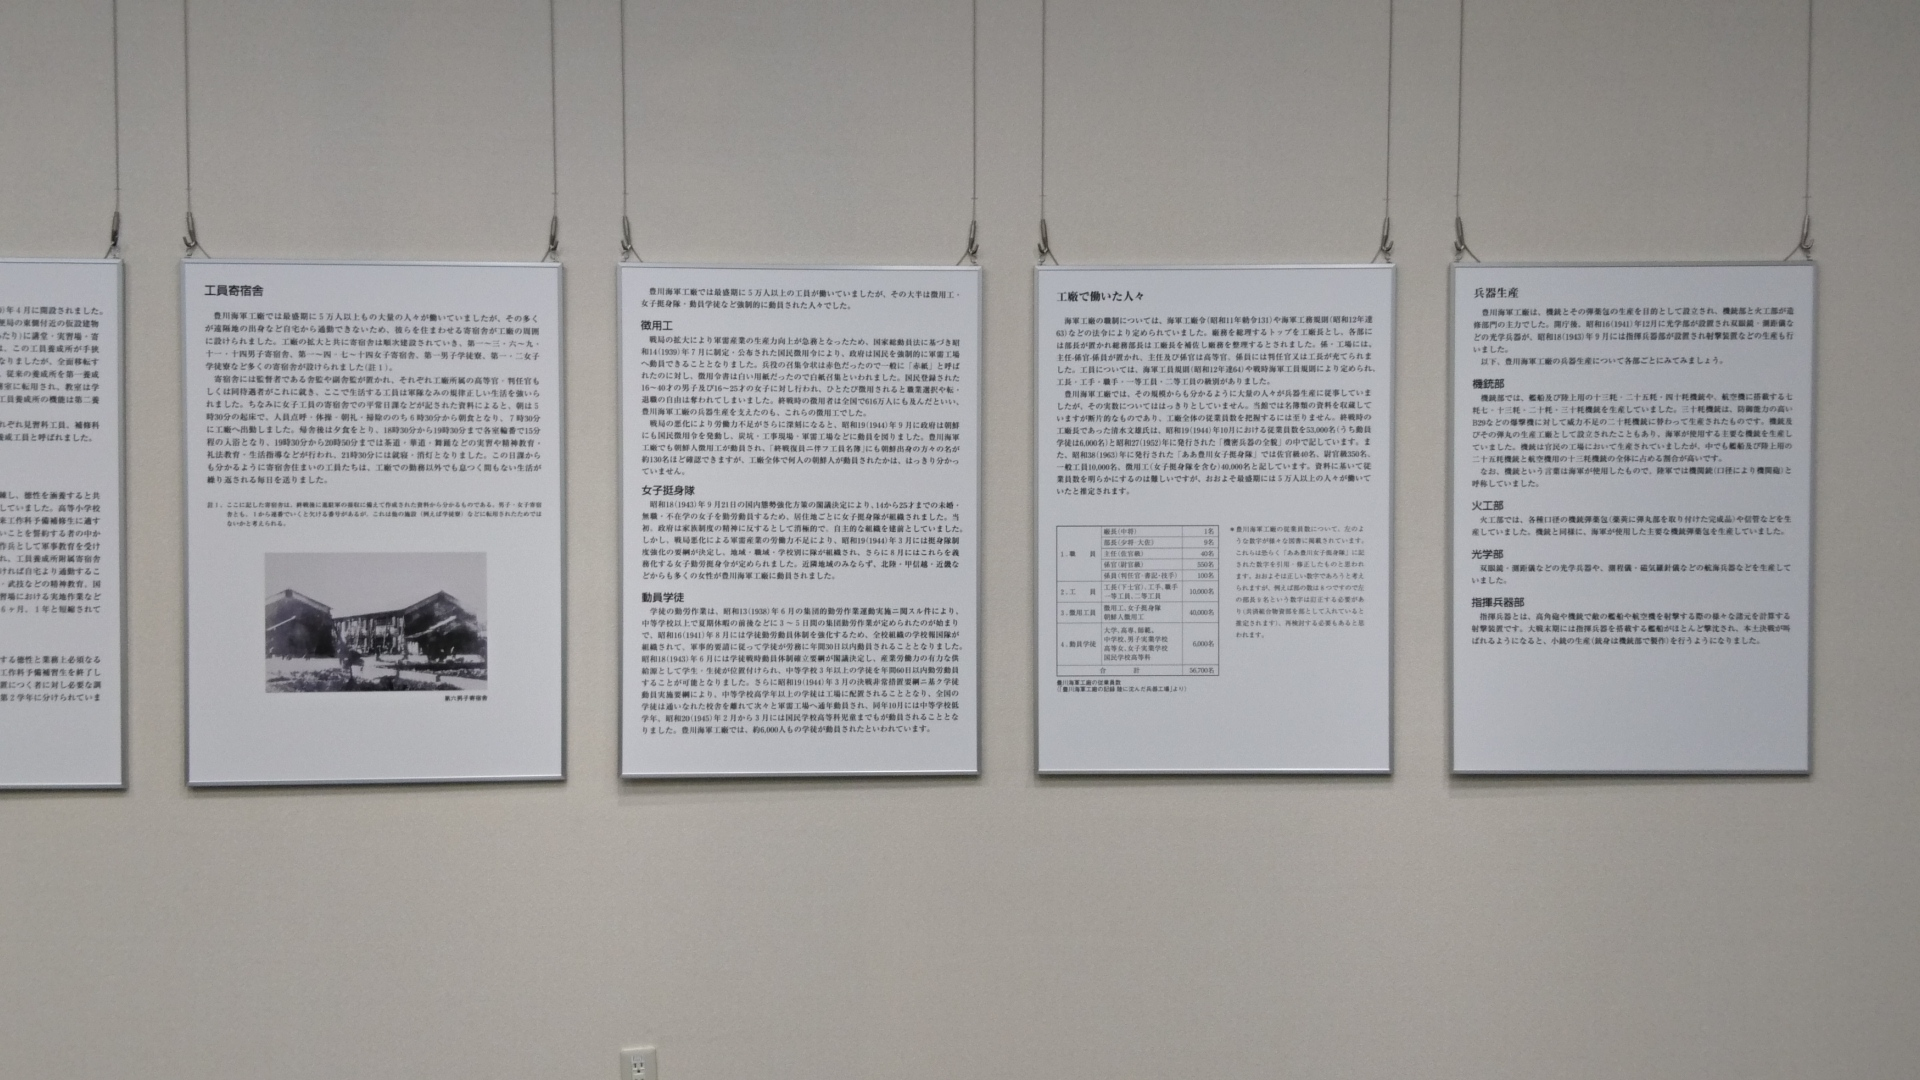 2017.8.30 豊川海軍工廠展 (20) パネル展示 (3) 1920-1080